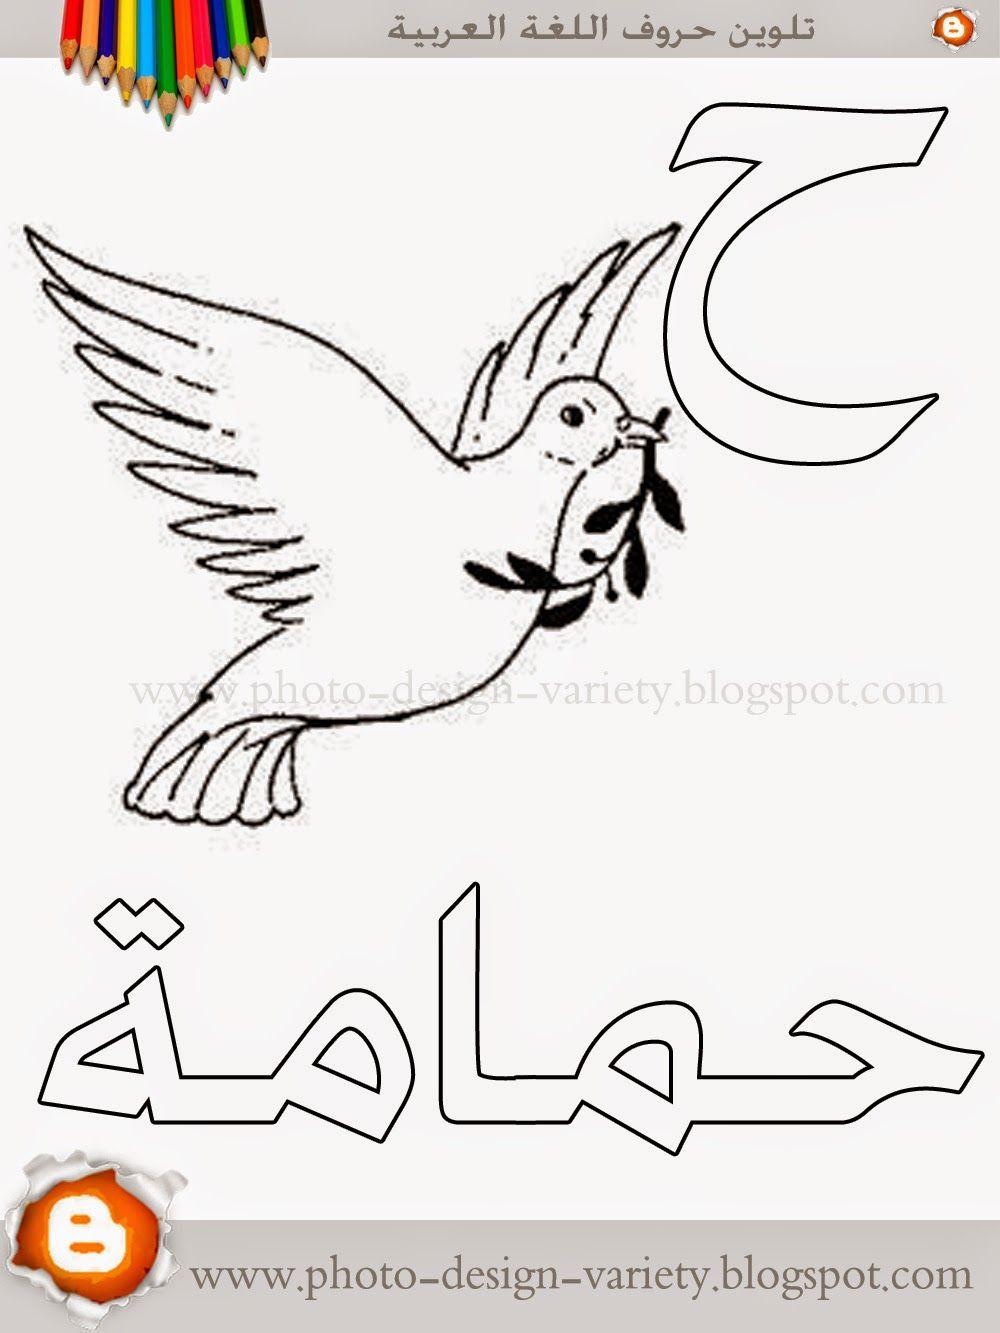 ألبومات صور منوعة البوم تلوين صور حروف هجاء اللغة العربية مع الأمثلة Alphabet Coloring Pages Arabic Alphabet Alphabet Preschool